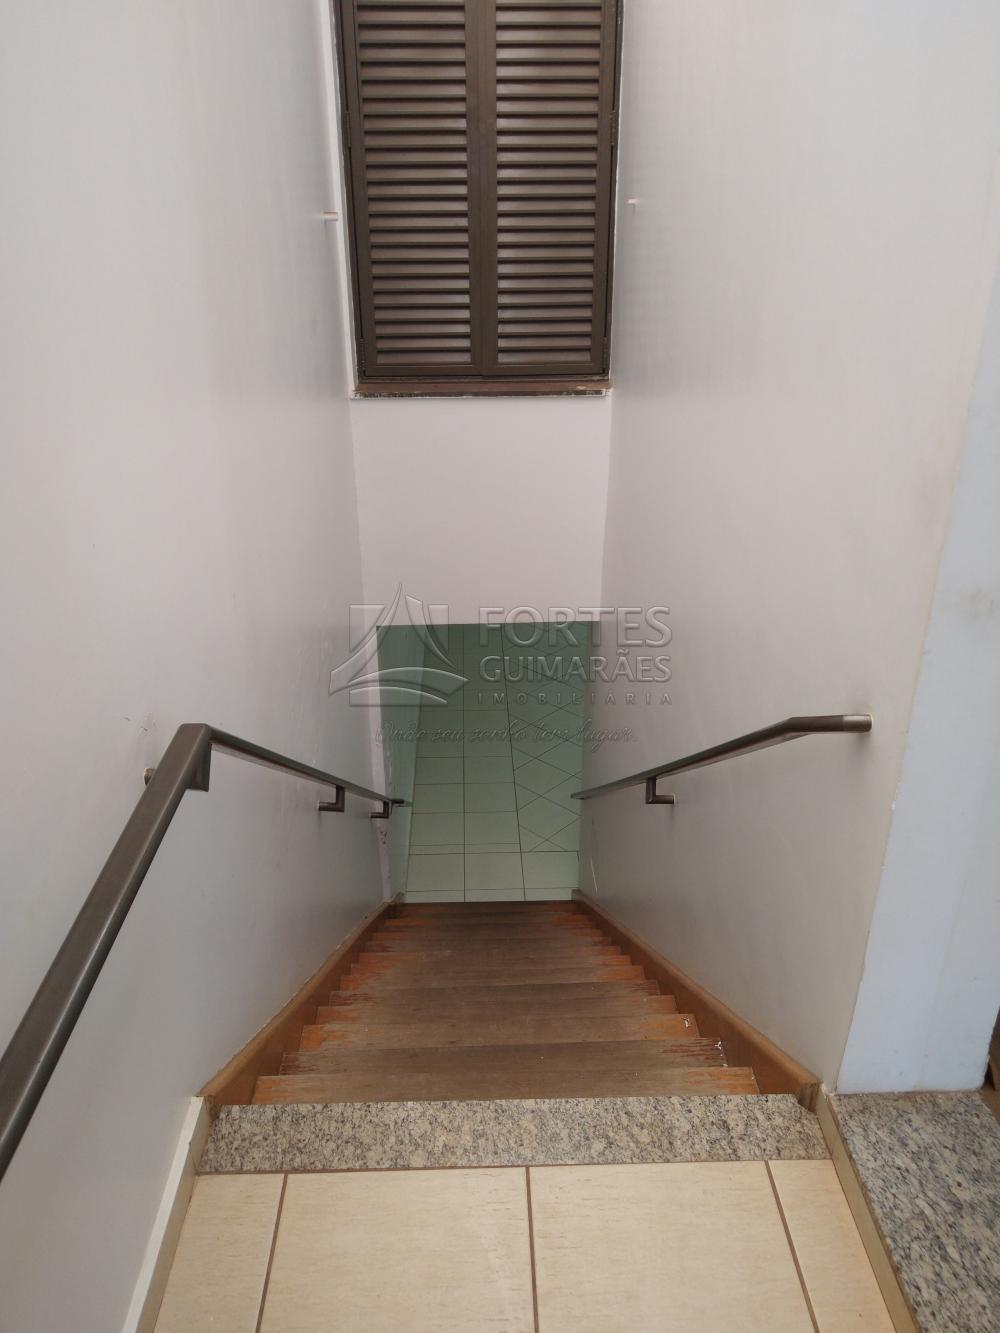 Alugar Comercial / Imóvel Comercial em Ribeirão Preto apenas R$ 12.000,00 - Foto 17